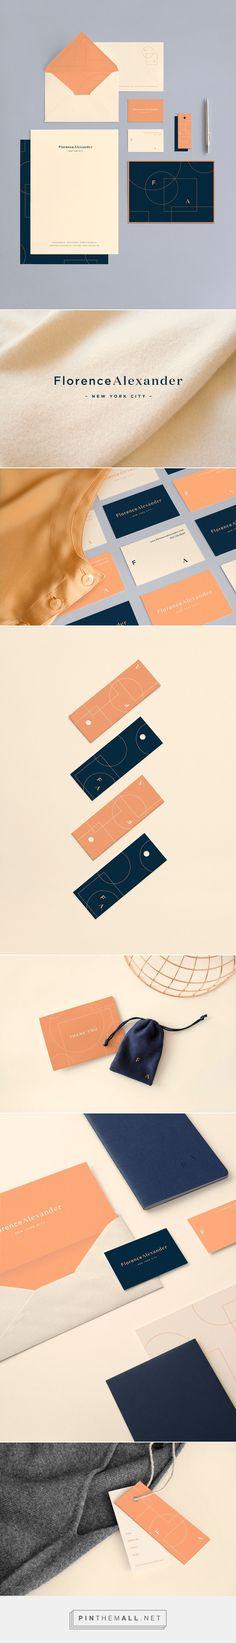 Florence Alexander on Behance | Fivestar Branding – Design and Branding Agency…